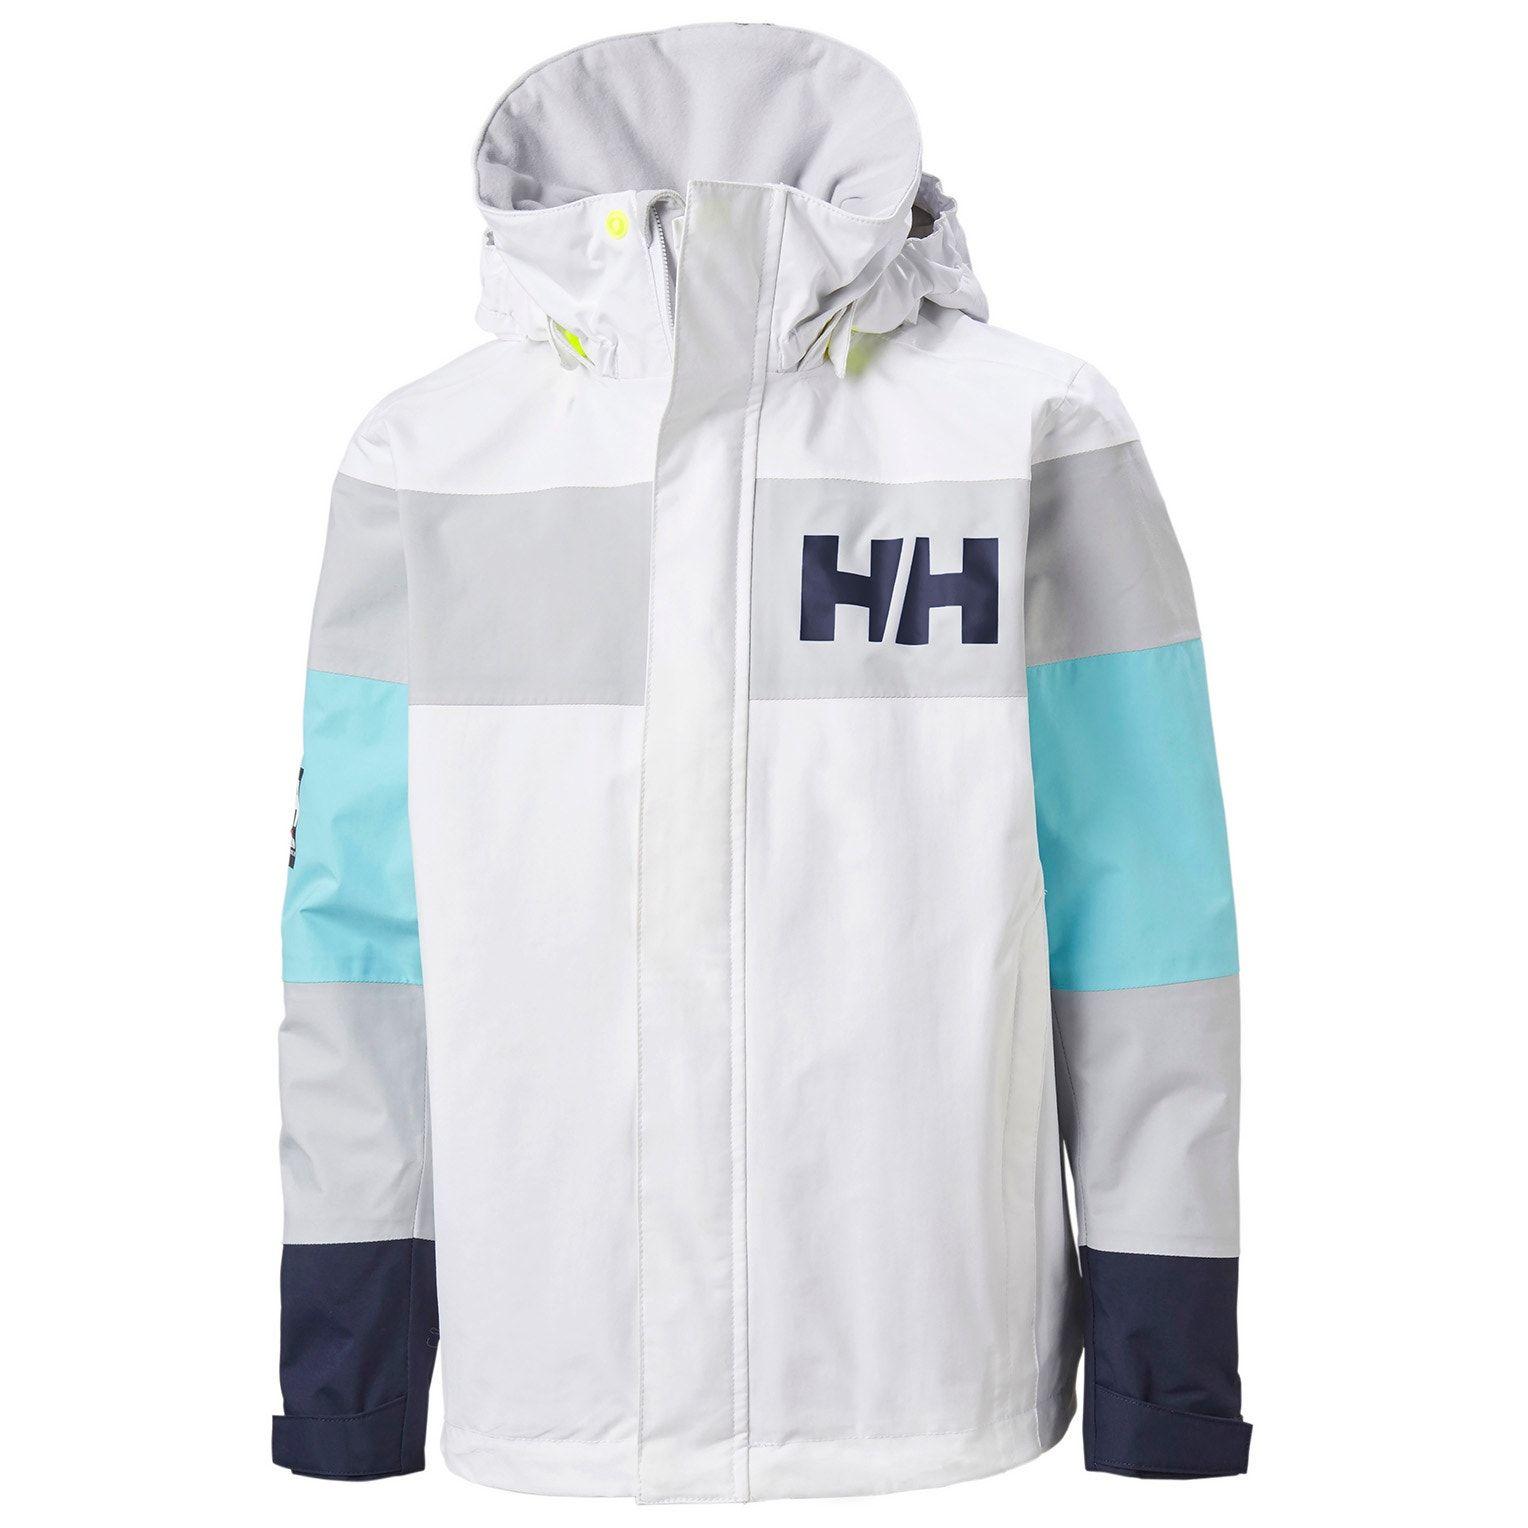 Helly Hansen Salt Port Jacka, White, 128